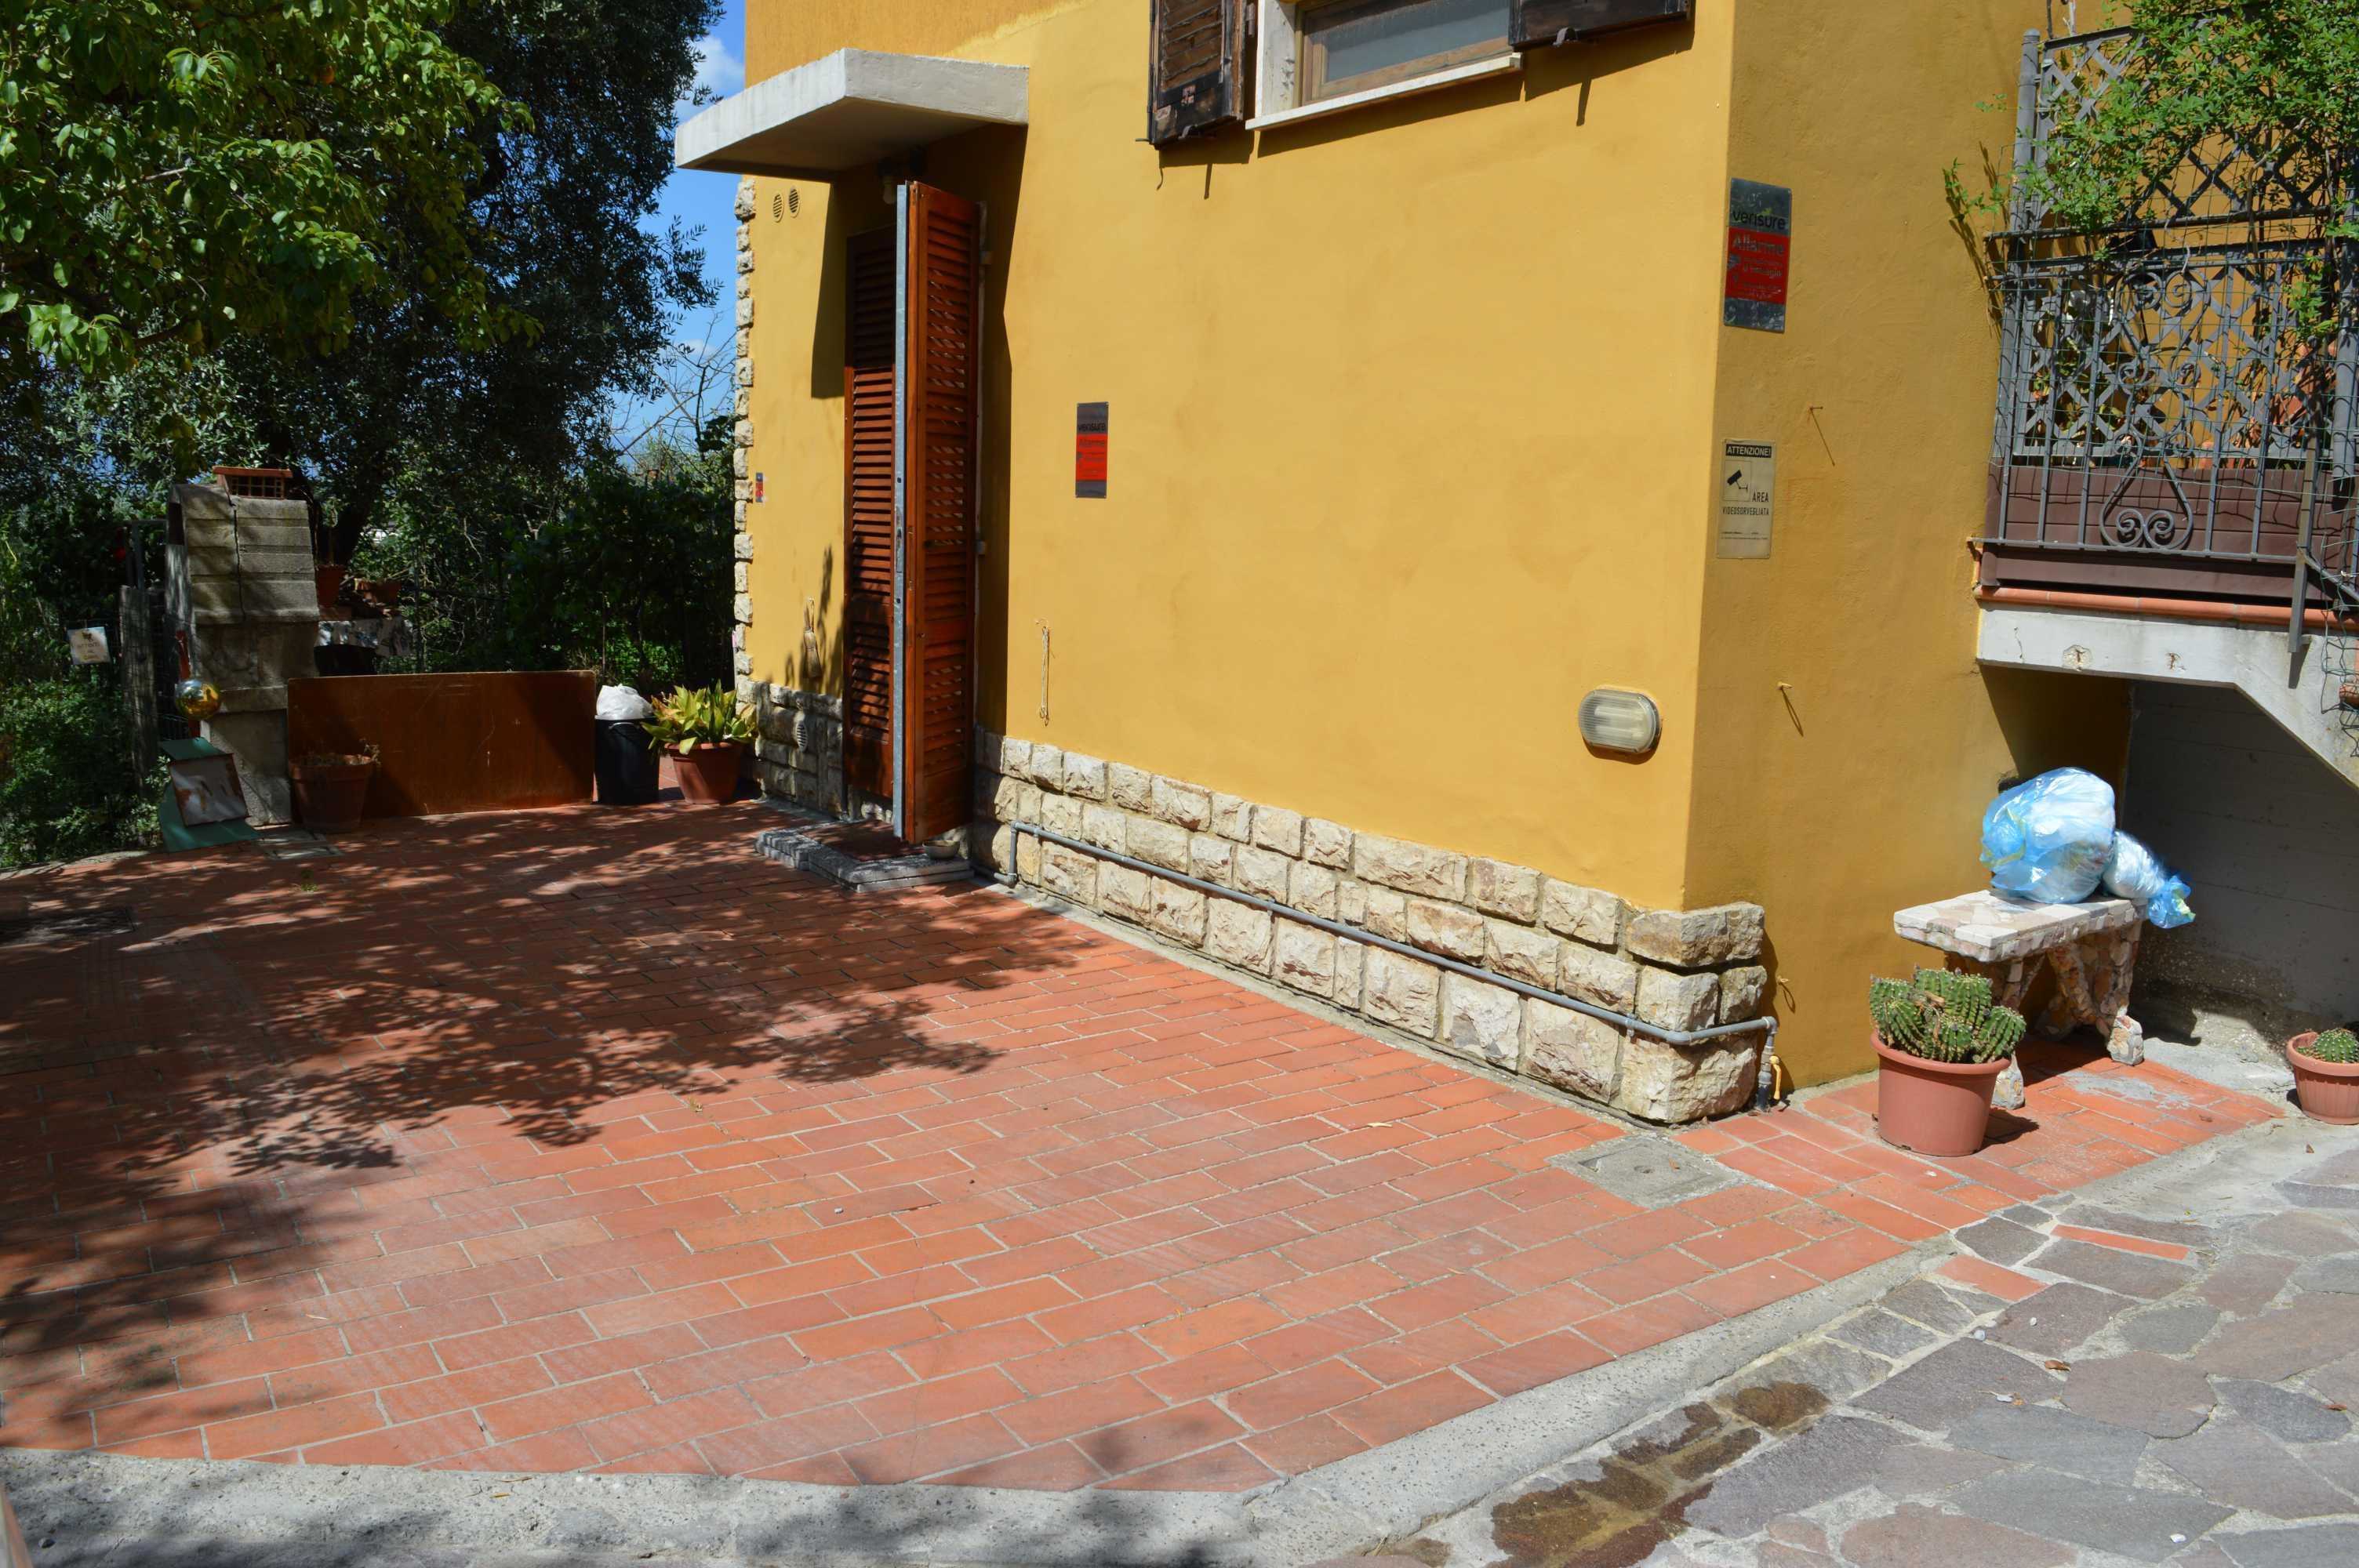 Appartamento indipendente con ca. 200 mq di giardino